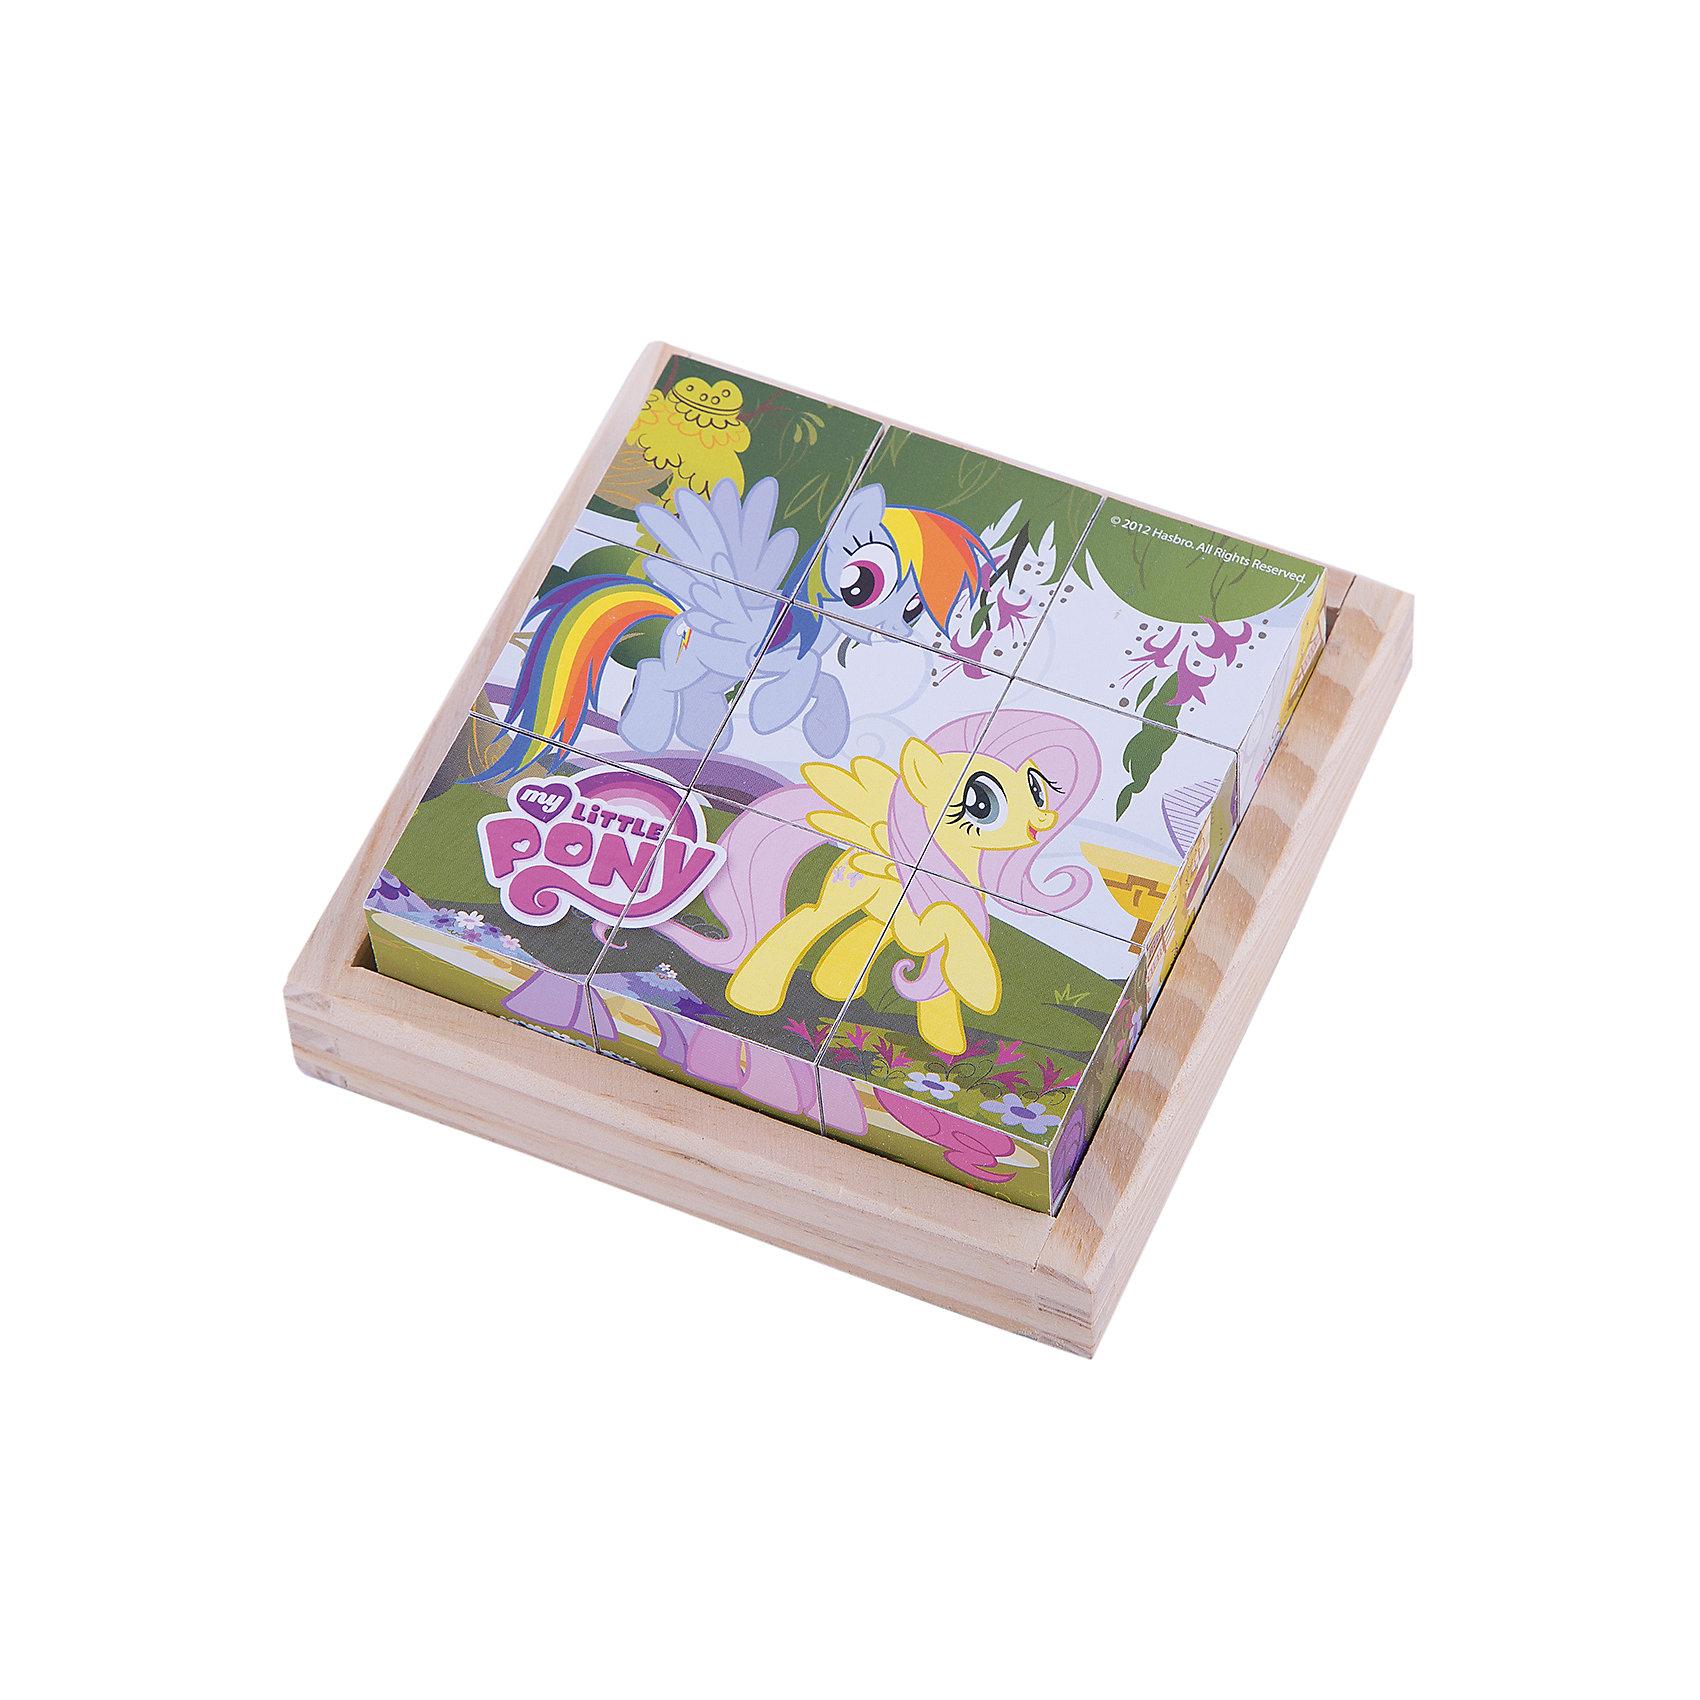 Деревянные кубики My little Pony, Играем вместеРазноцветные кубики - важный инструмент развития ребенка младшего возраста. Деревянные кубики My Little Pony (Мой маленький пони) созданы специально для того, чтобы малыш в развлекательной приятной форме тренировал мелкую моторику, логику и внимание. Кубики выполнены из дерева и покрыты безопасной краской, поэтому Вы можете использовать их для игры с самыми маленькими детьми. Сначала кроха будет рассматривать их и строить башенки, затем составлять замечательные картинки. Ведь на каждой стороне кубиков удивительные картинки из любимого мультсериала My Little Pony (Мой маленький пони). С помощью удобной подставки для хранения кубиков, Вы можете приучать малыша к порядку и аккуратности.<br><br>Дополнительная информация:<br><br>- 9 кубиков;<br>- Особенно понравится поклонникам мультсериала My Little Pony (Мой маленький пони);<br>- Удобная подставка для хранения;<br>- Красивые картинки;<br>- Материал: дерево;<br>- Размер упаковки: 13 х 13 х 5 см;<br>- Вес: 280 г<br><br>Деревянные кубики My little Pony (Мой маленький пони), Играем вместе, можно купить в нашем интернет-магазине.<br><br>Ширина мм: 130<br>Глубина мм: 130<br>Высота мм: 50<br>Вес г: 280<br>Возраст от месяцев: 12<br>Возраст до месяцев: 36<br>Пол: Женский<br>Возраст: Детский<br>SKU: 4166992